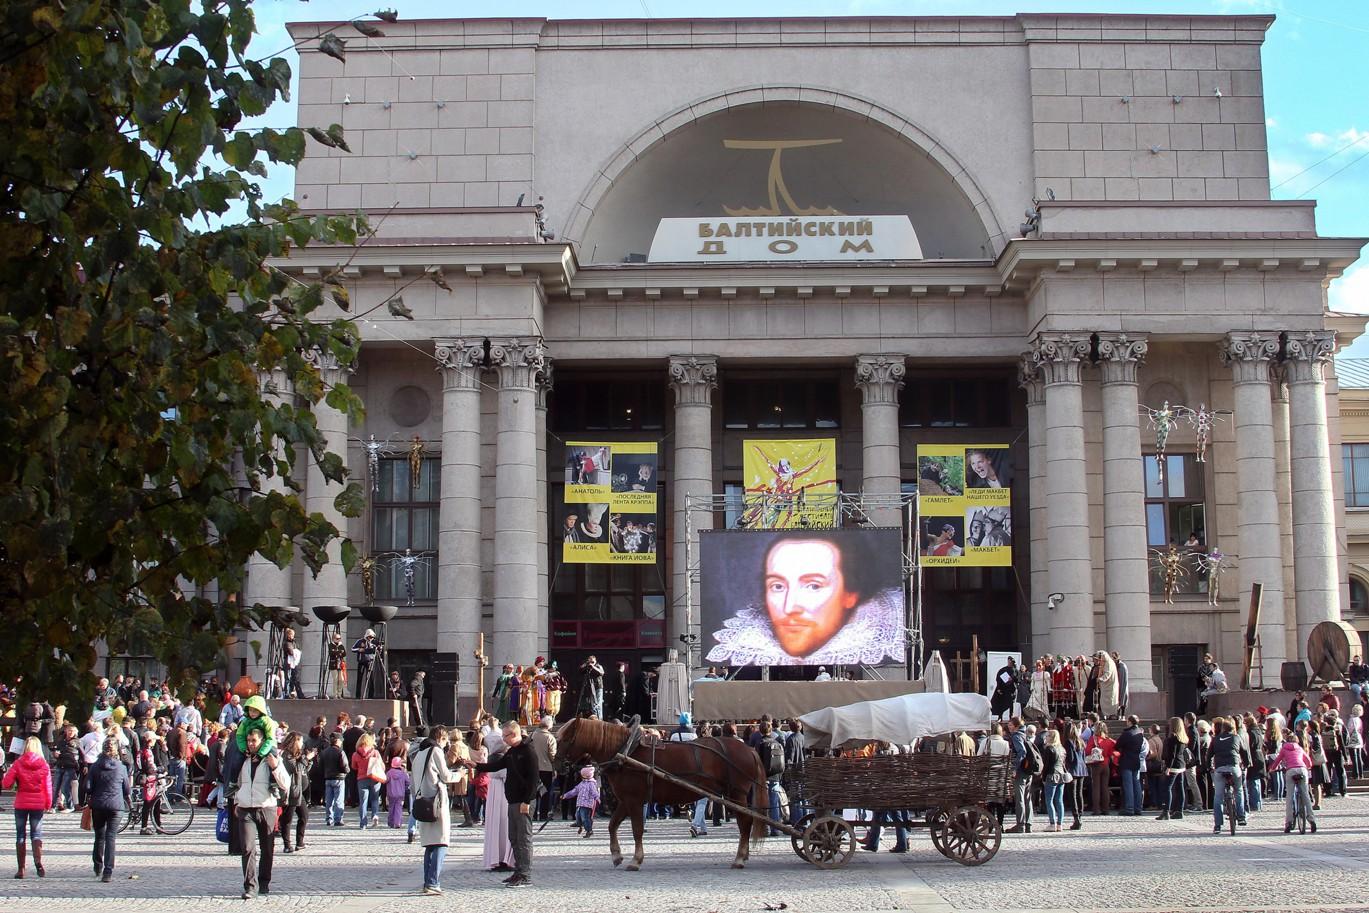 Выдача билетов на спектакли театра «Балтийский дом» — Закончена.